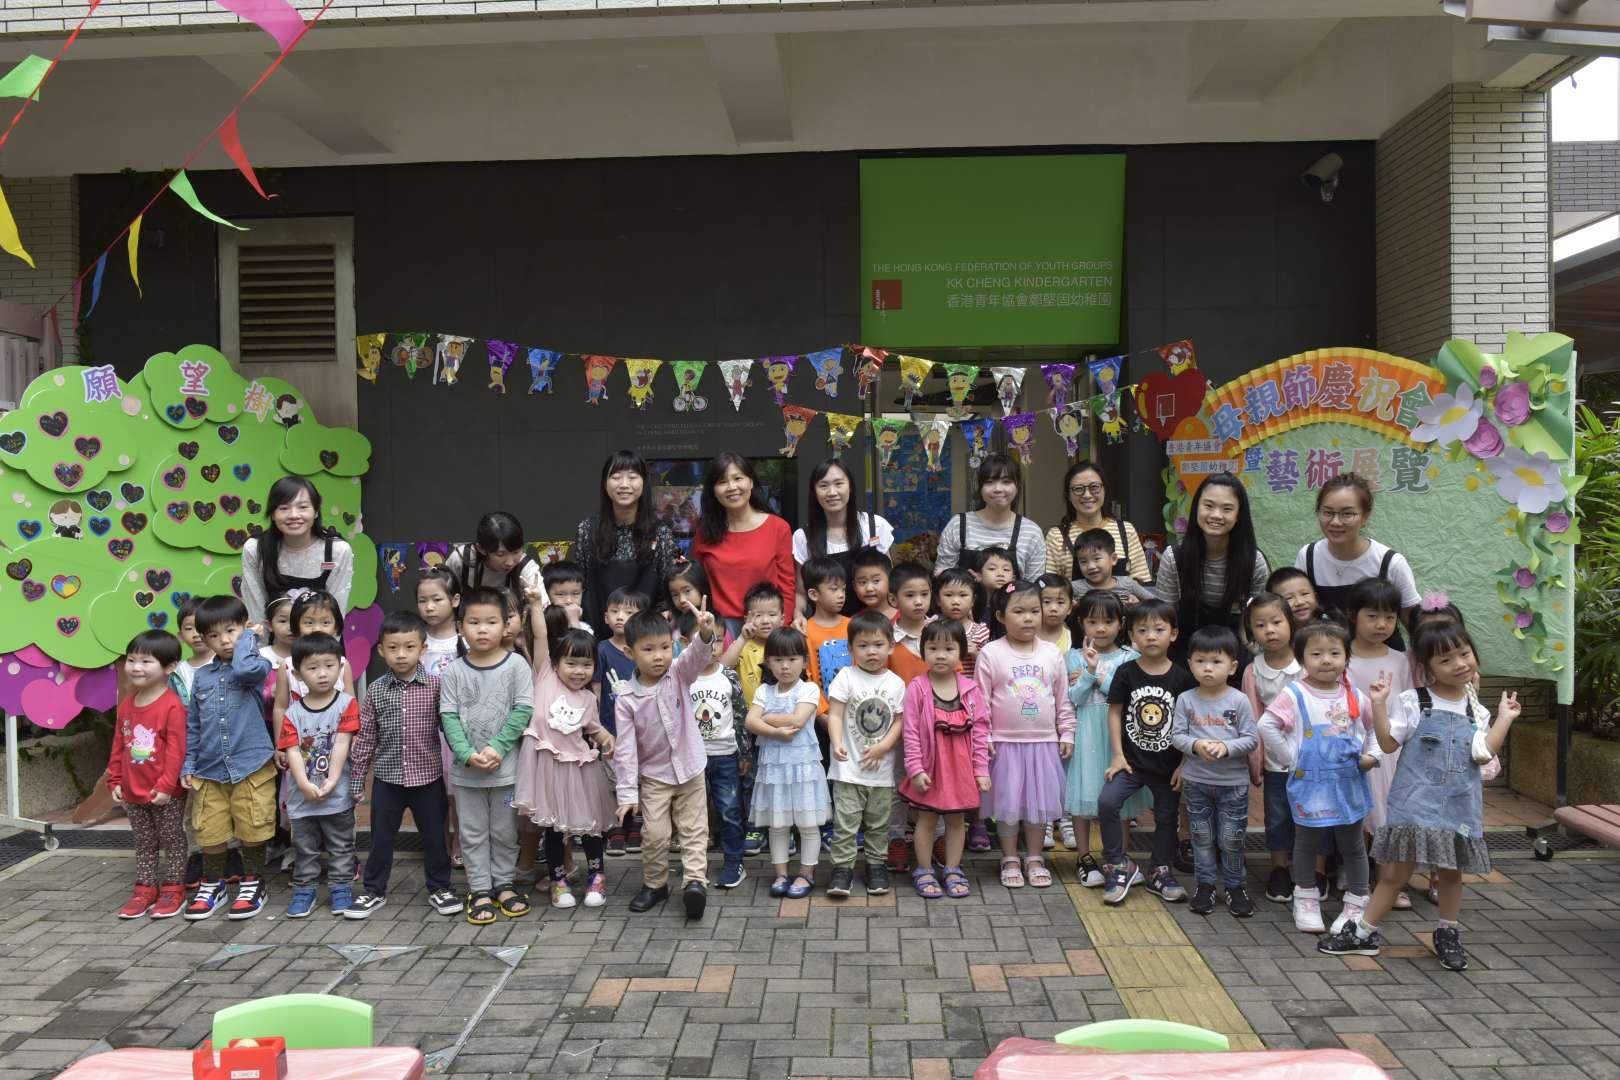 2018-2019年度 母親節慶祝會低班及幼兒班表演